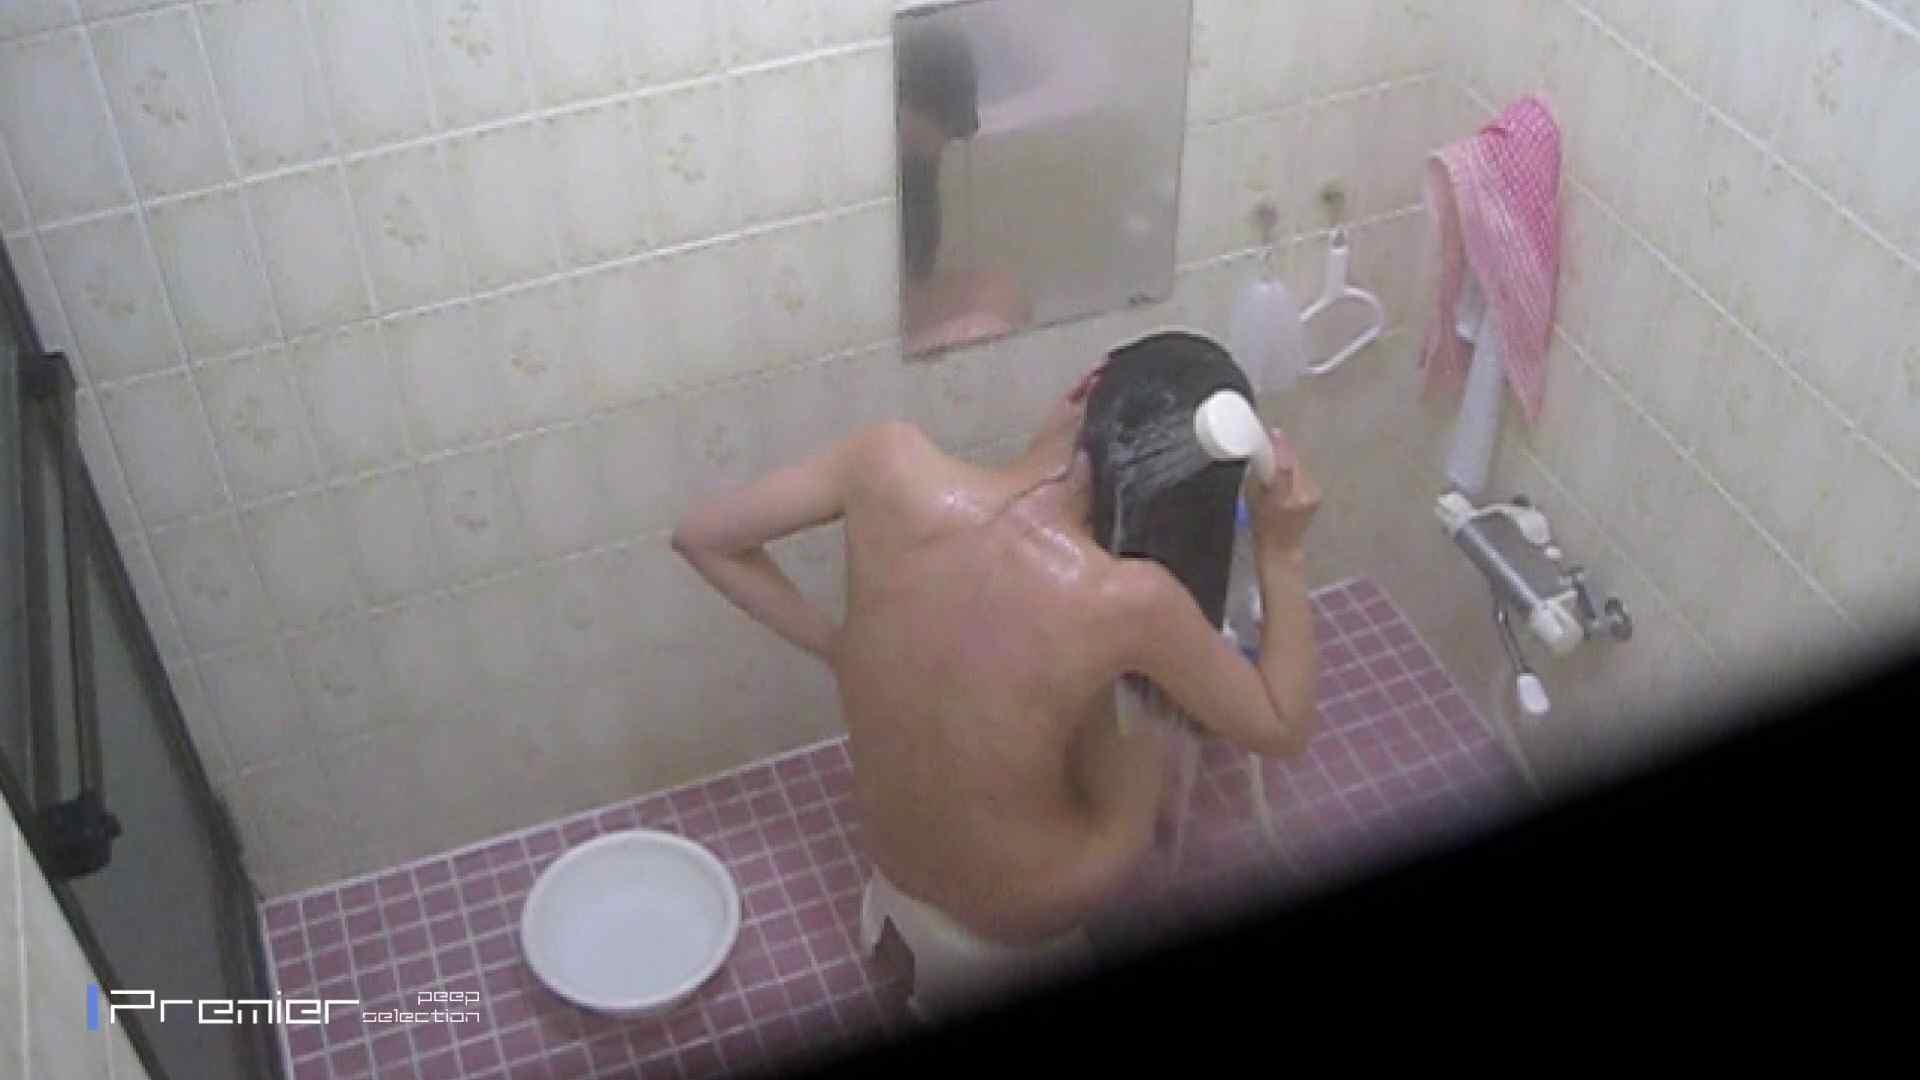 鏡に写る美女バレ盗撮 乙女の風呂場 Vol.10 盗撮で悶絶 セックス画像 86画像 77